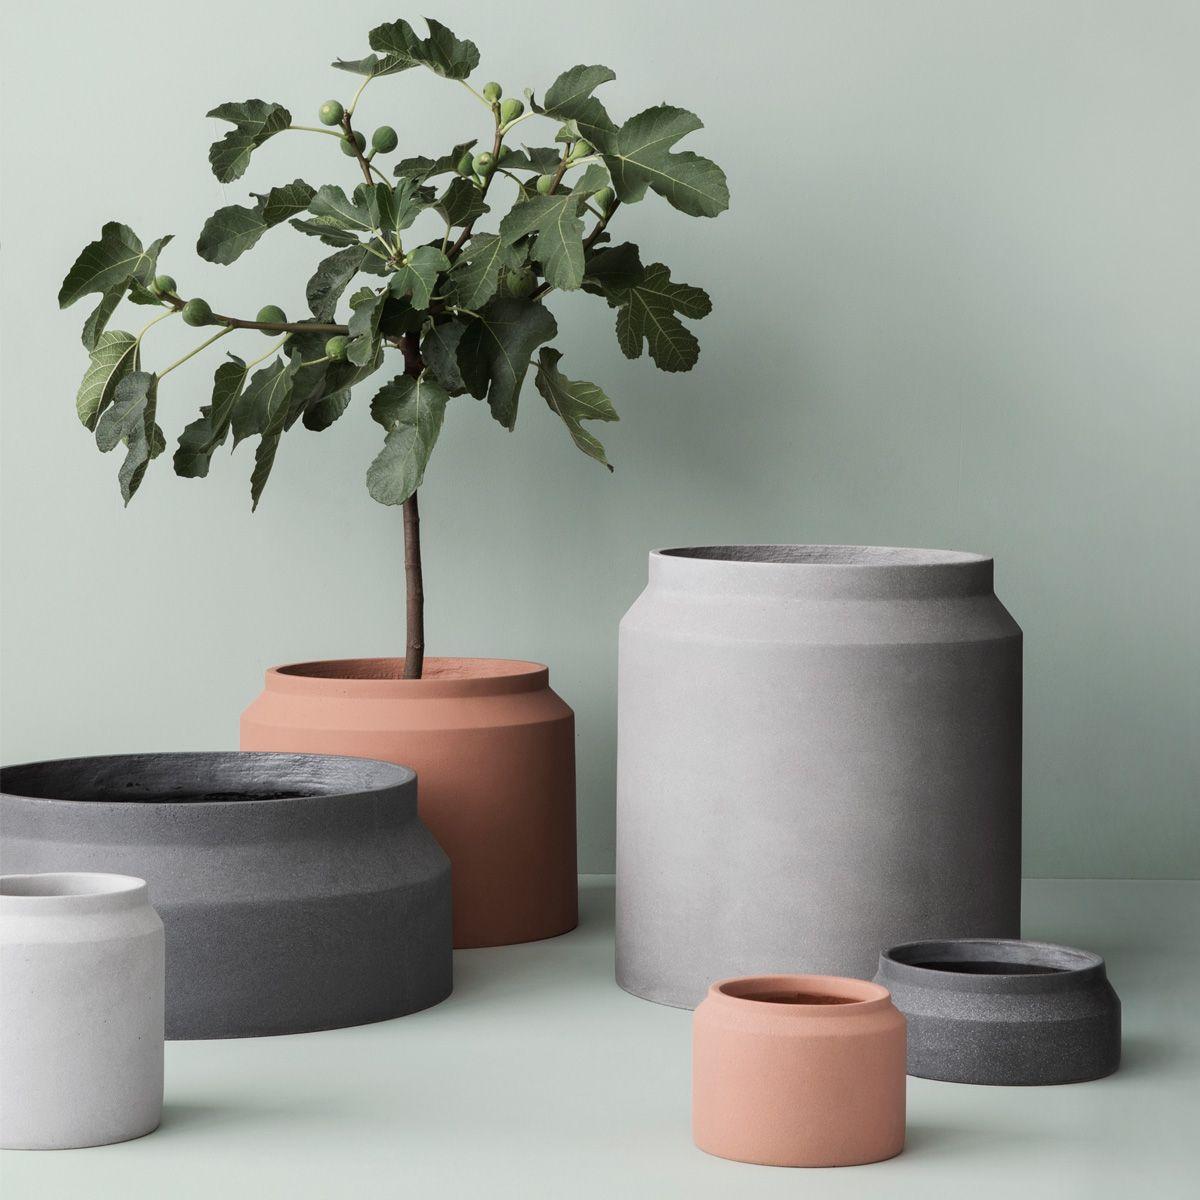 Concrete Planters Trnk Concrete Plant Pots Cement Flower Pots Large Outdoor Planters